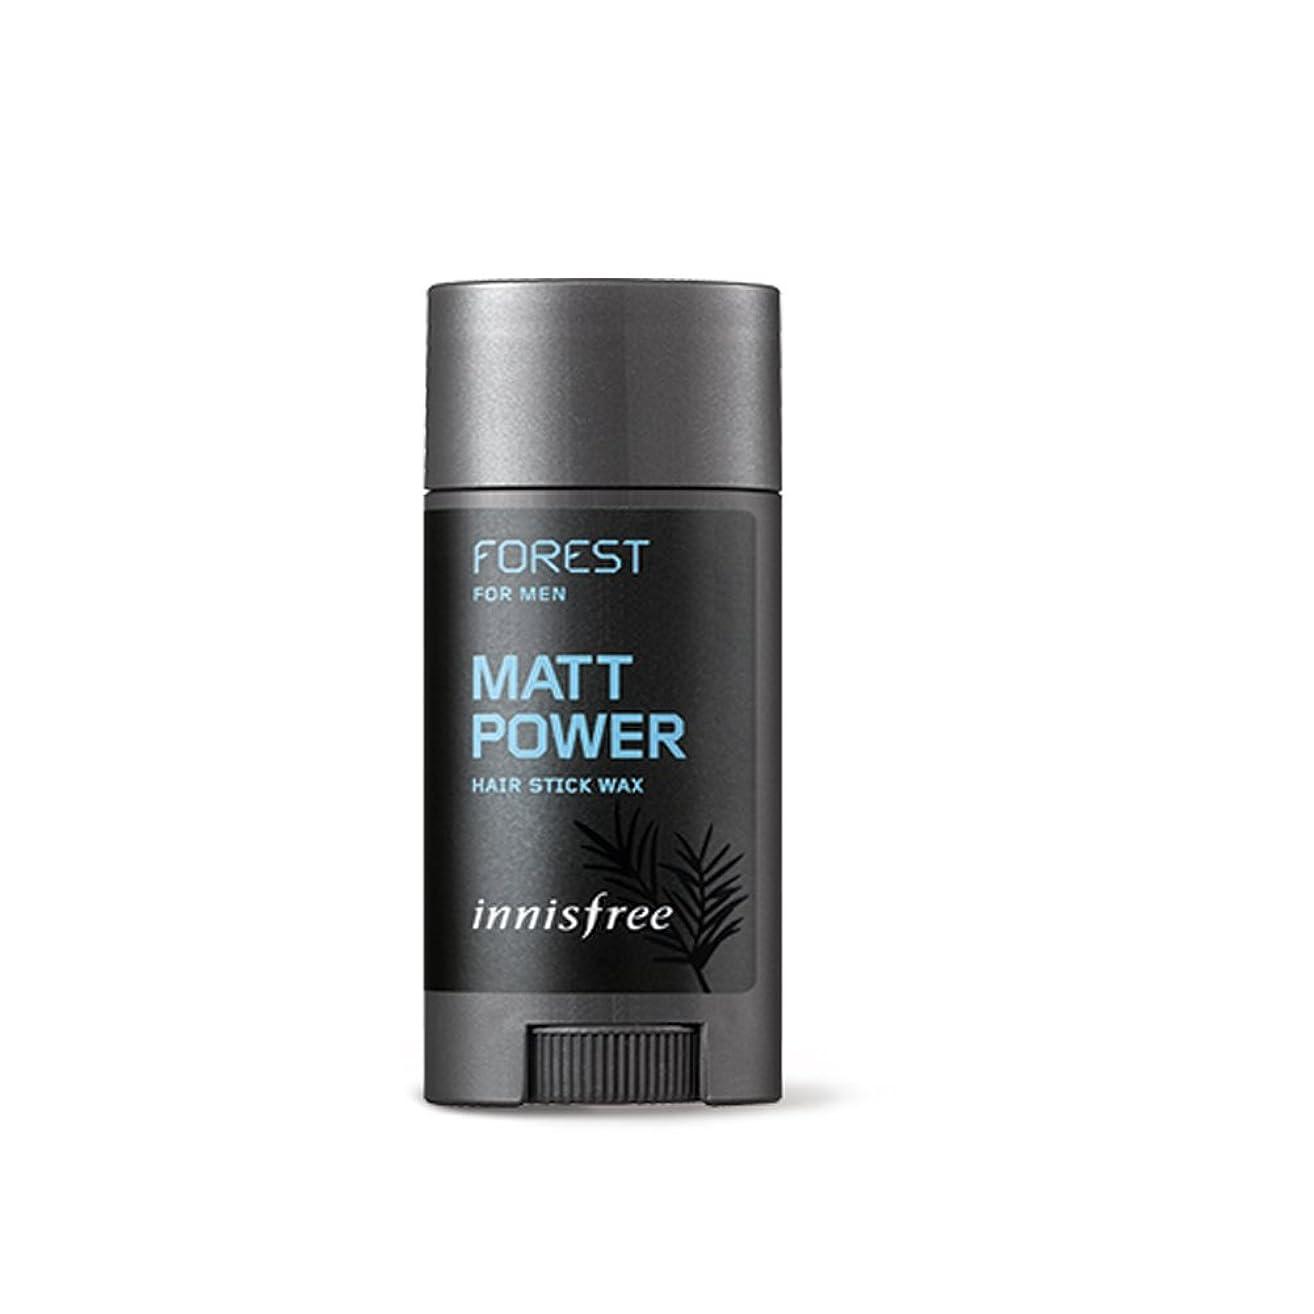 熱望する動物園権威イニスフリーフォレストメンズヘアスティックワックス、マットパワー15g / Innisfree Forest for Men Hair Stick Wax, Matt Power 15g [並行輸入品][海外直送品]